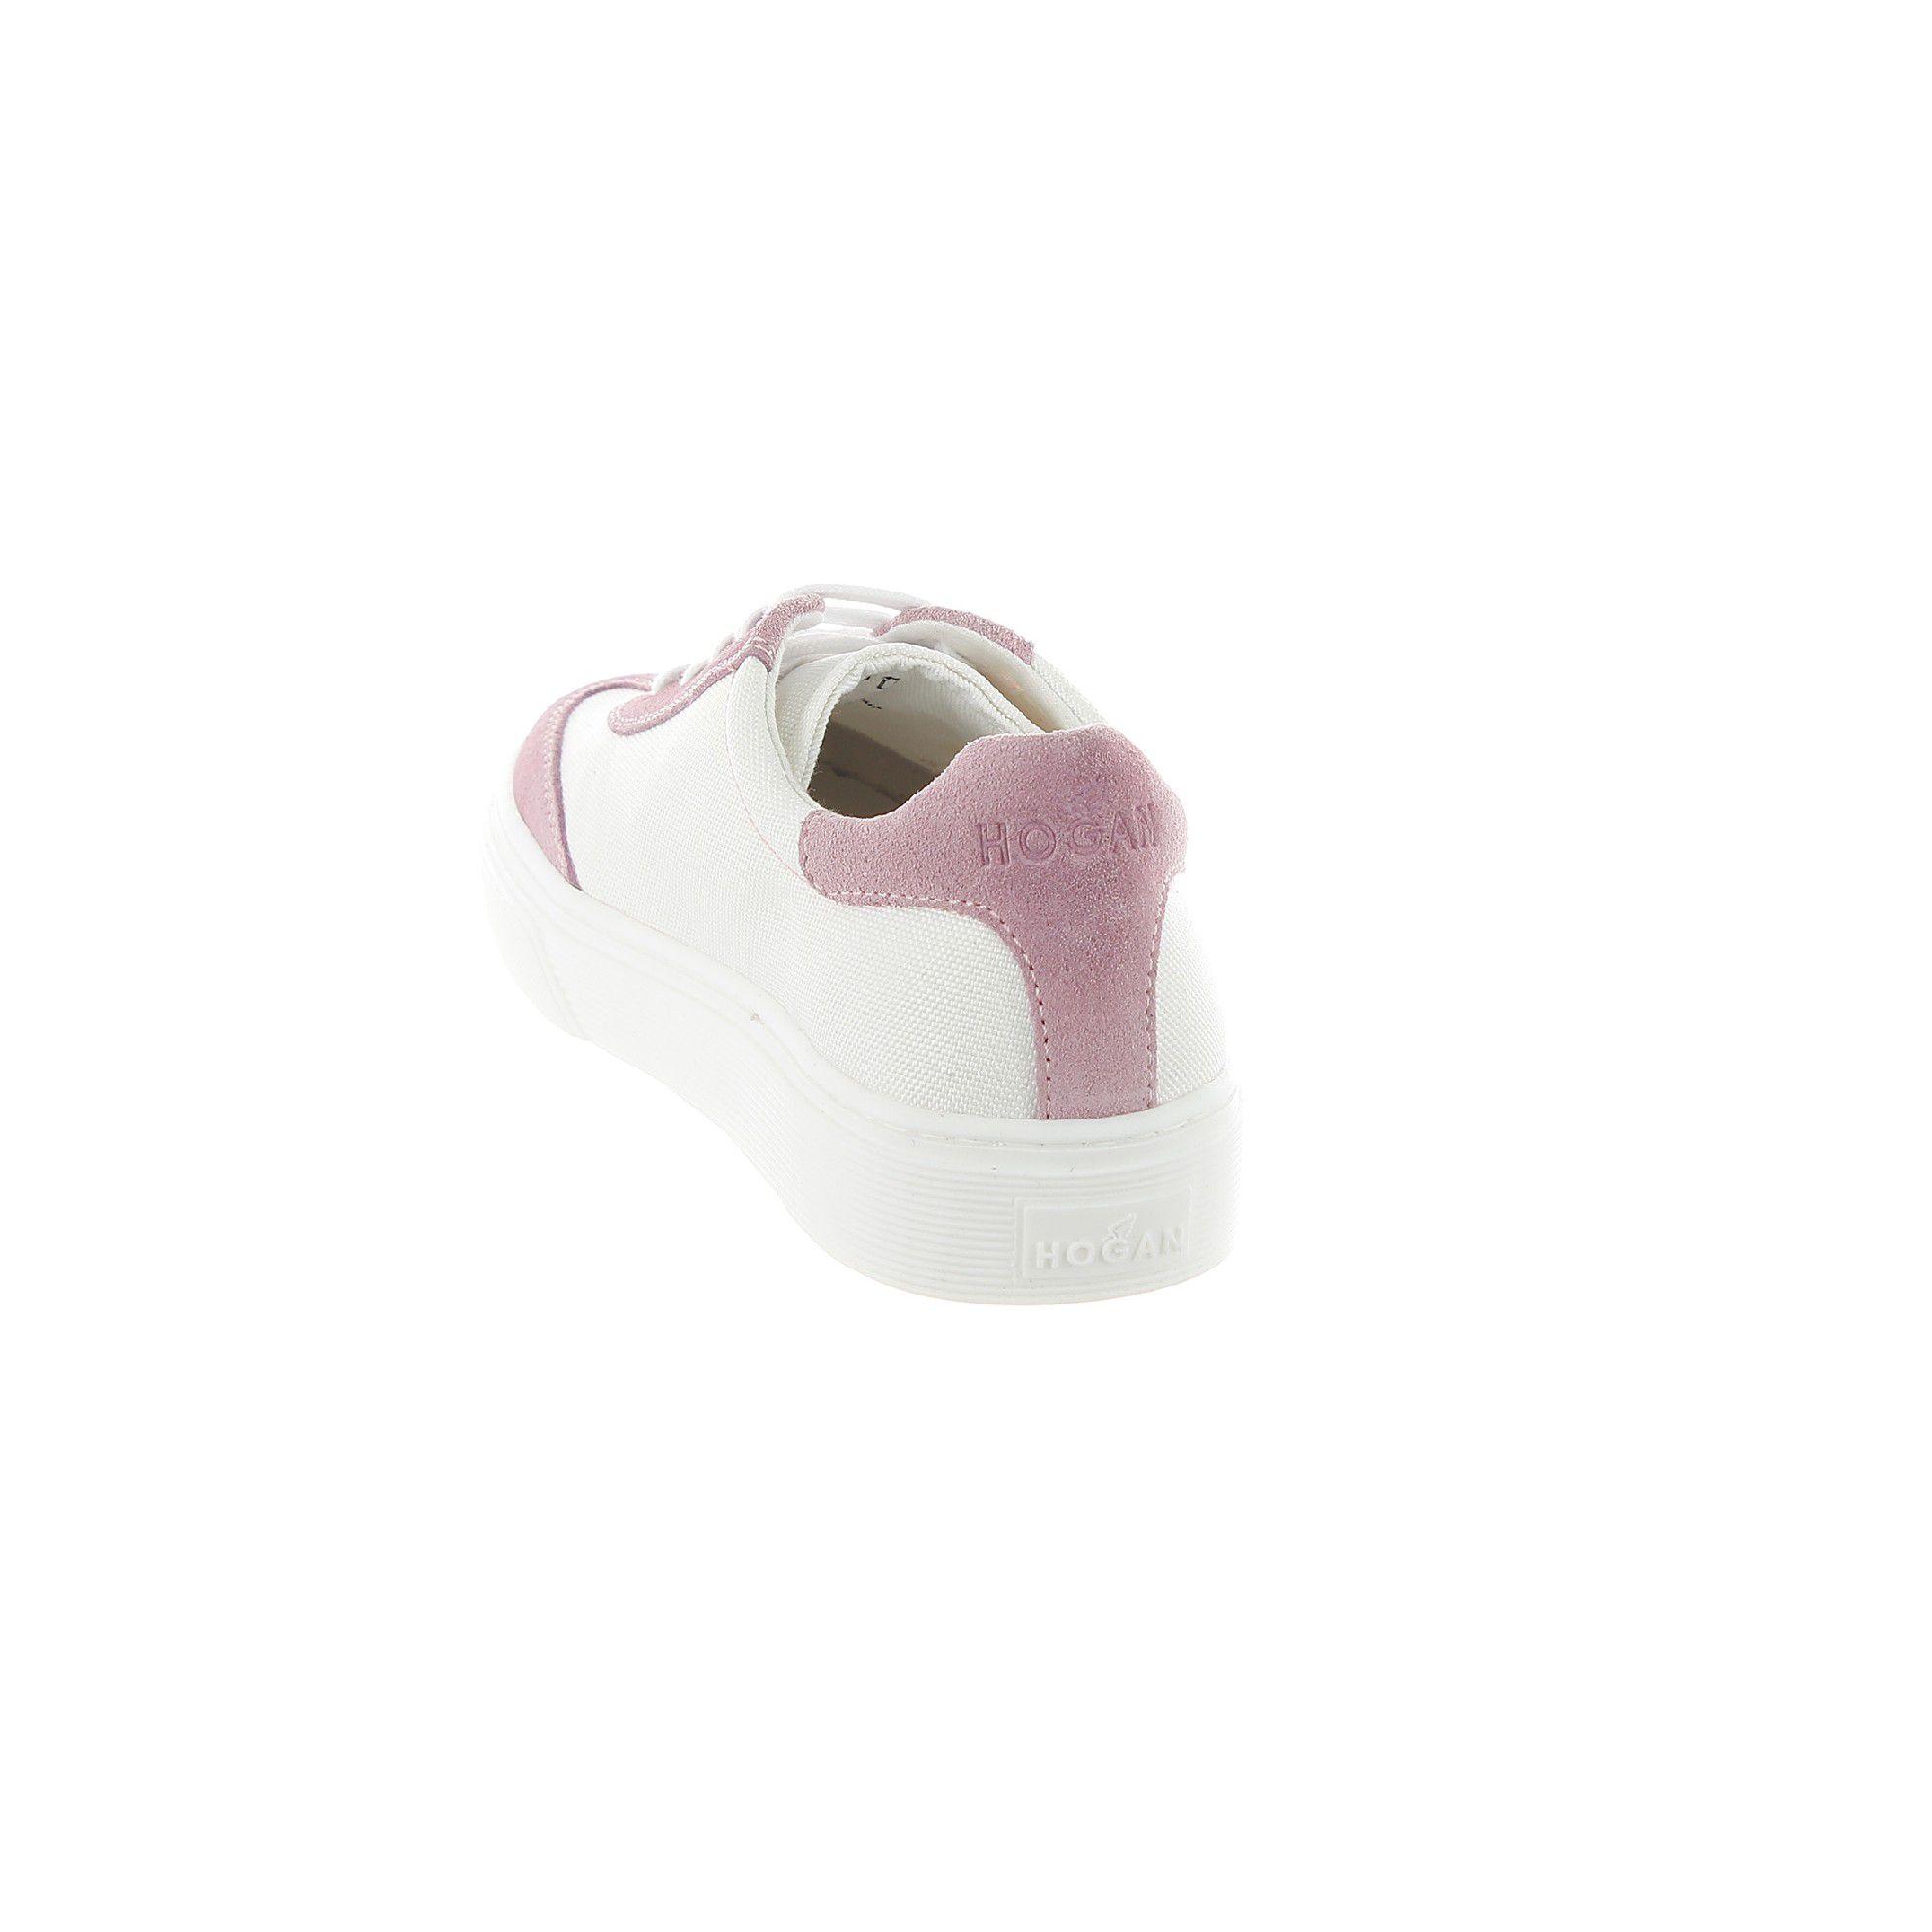 Hogan sneaker h340 in camoscio e tela da bambina